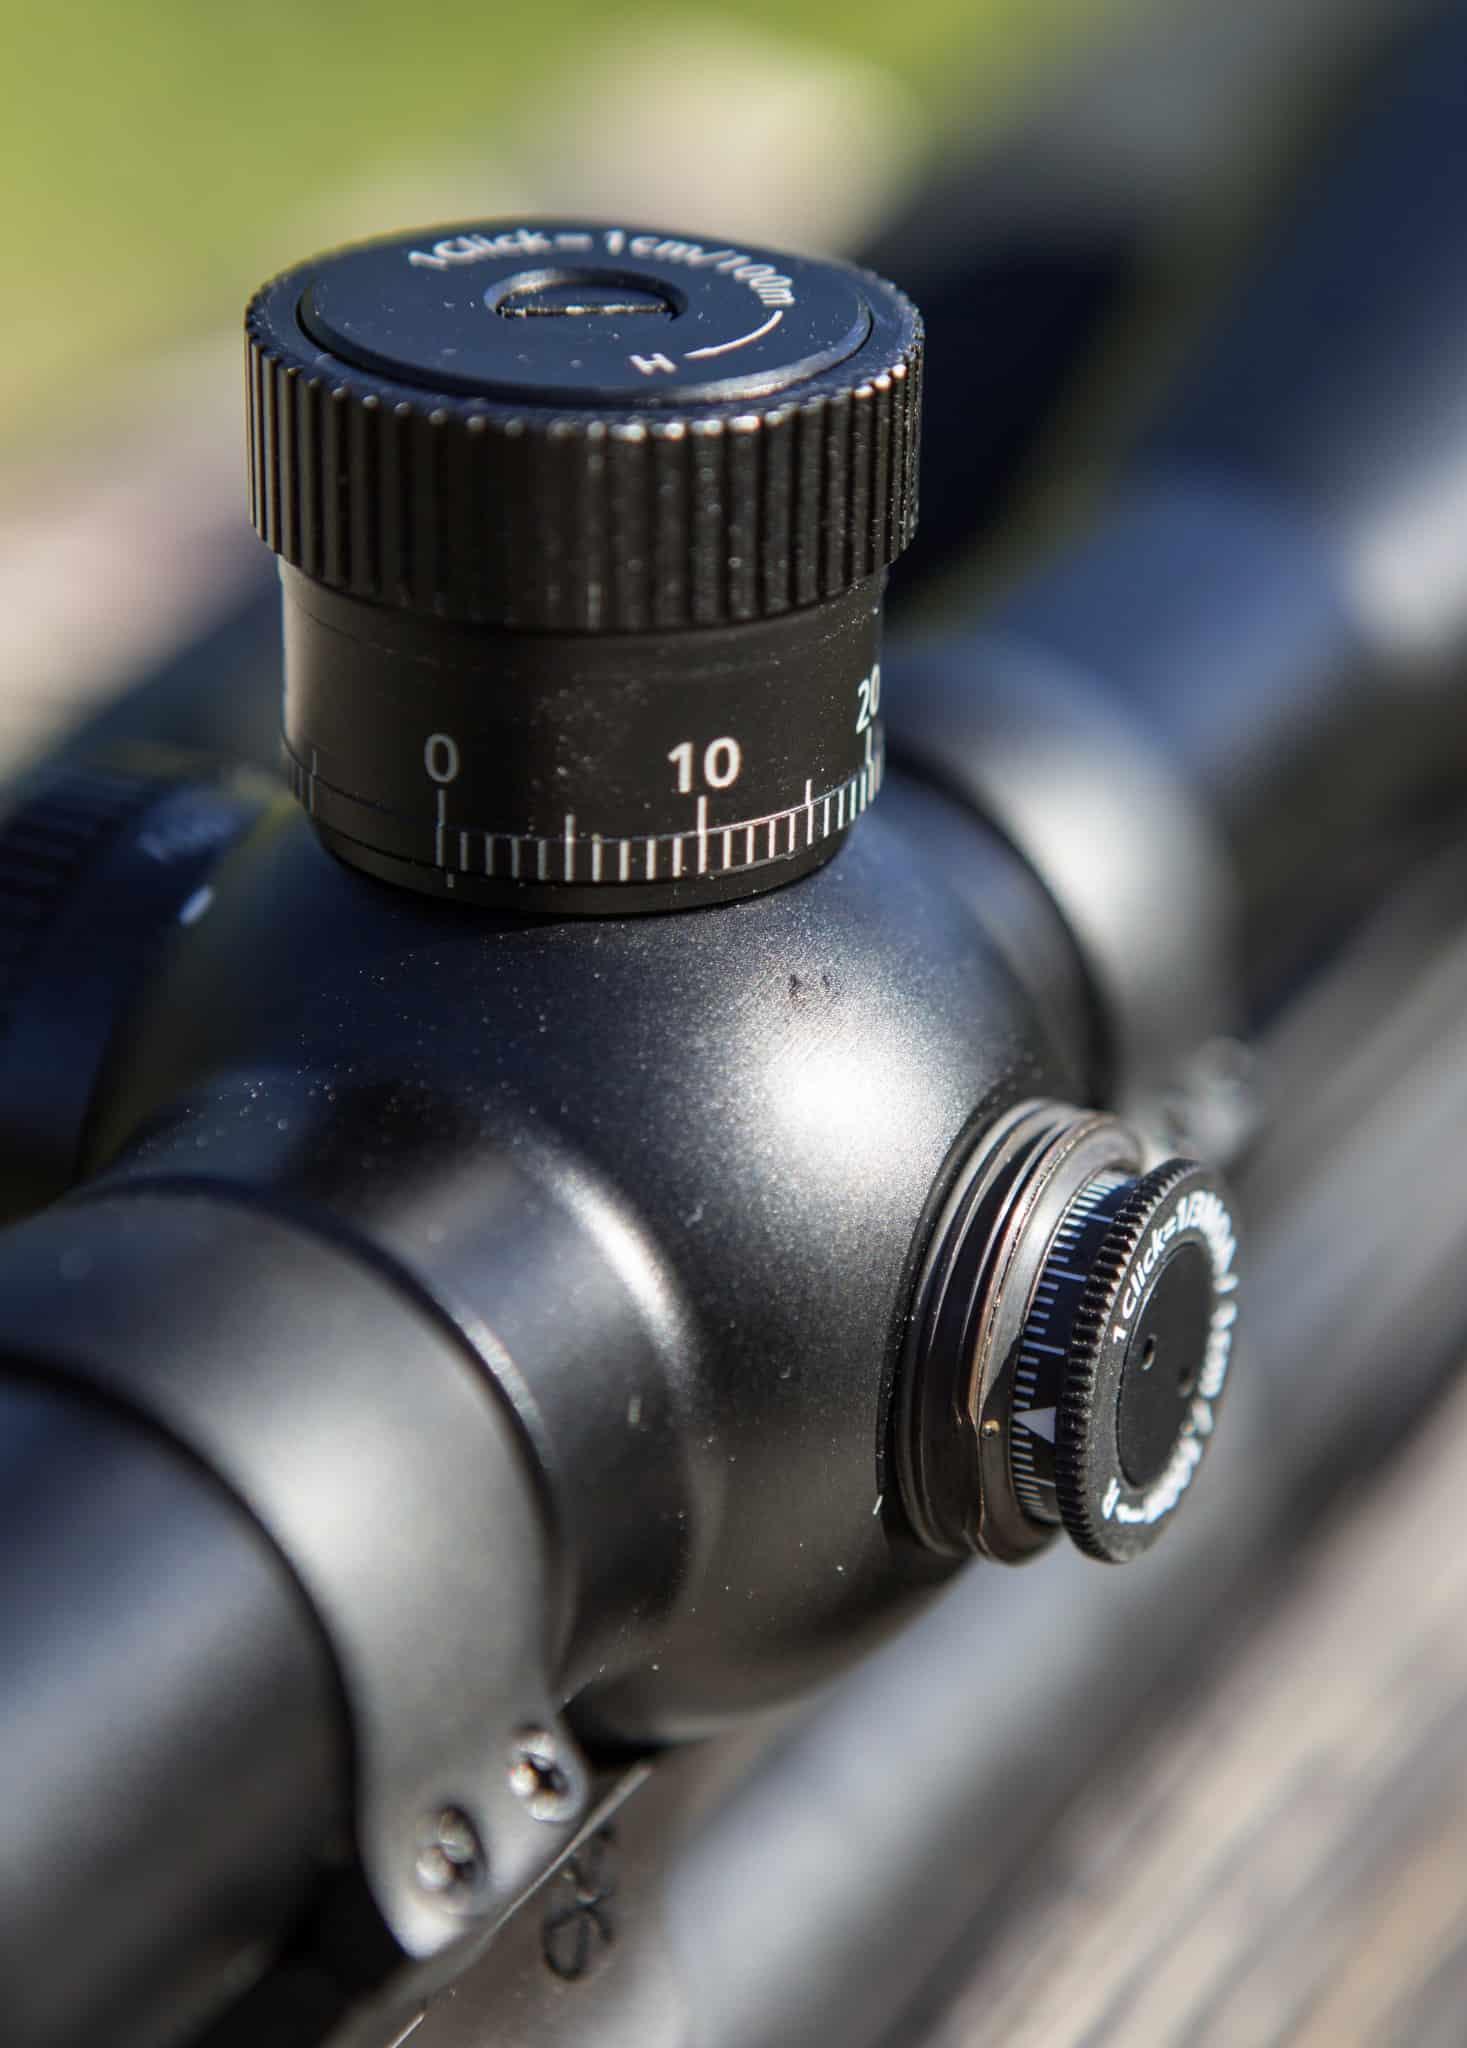 Den vanligaste typen av justeringsratt sitter skyddad under ett lock och passar bäst på nio av tio jaktsikten.